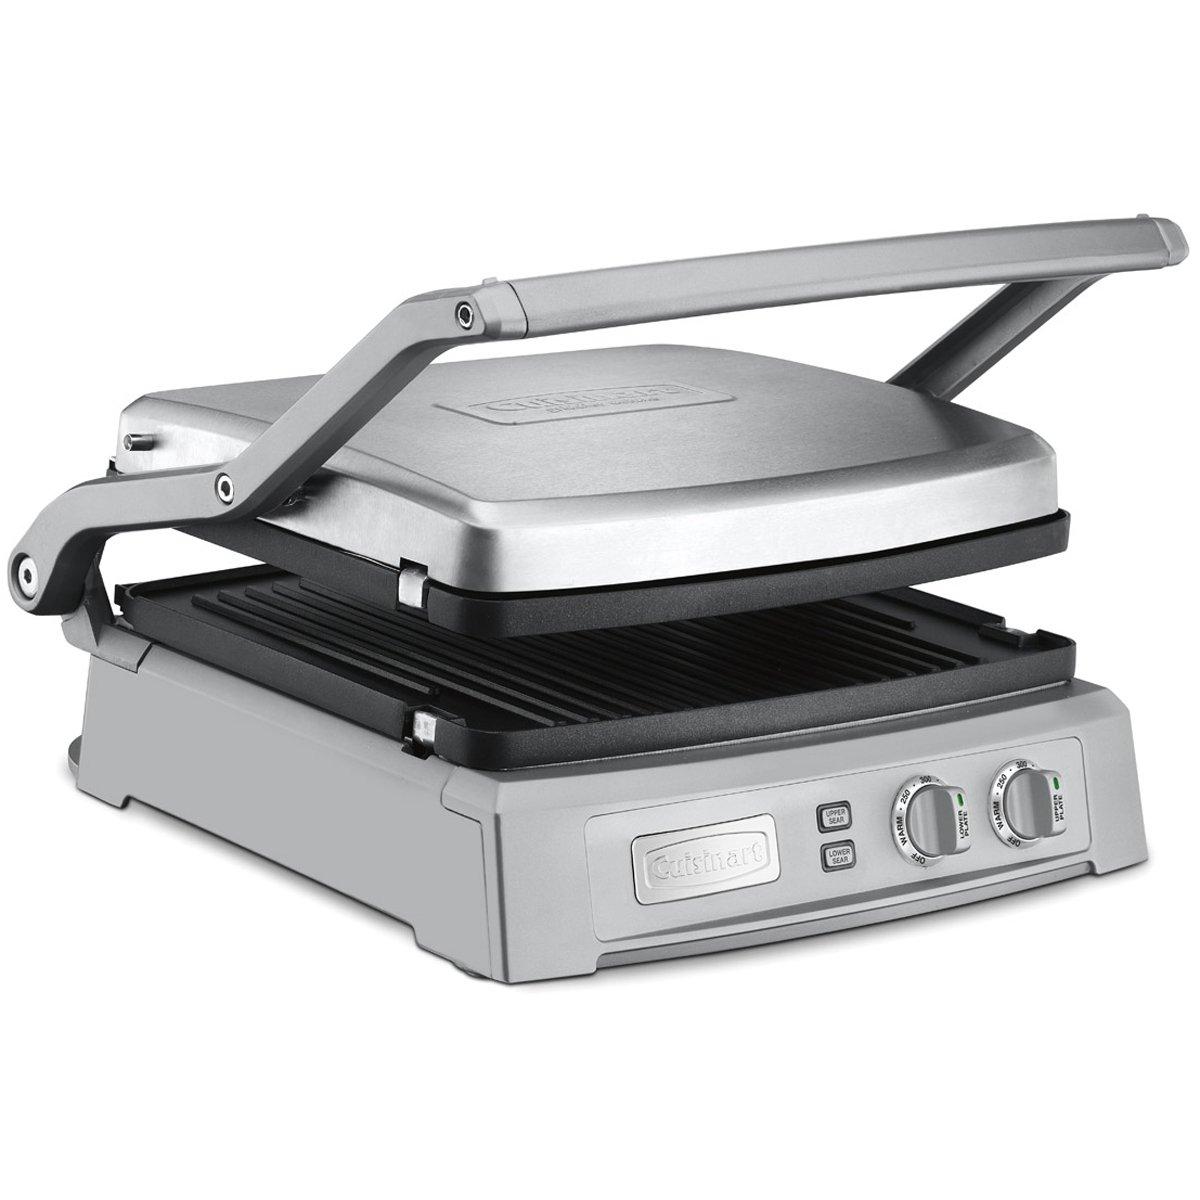 Cuisinart Deluxe Griddler GR-150